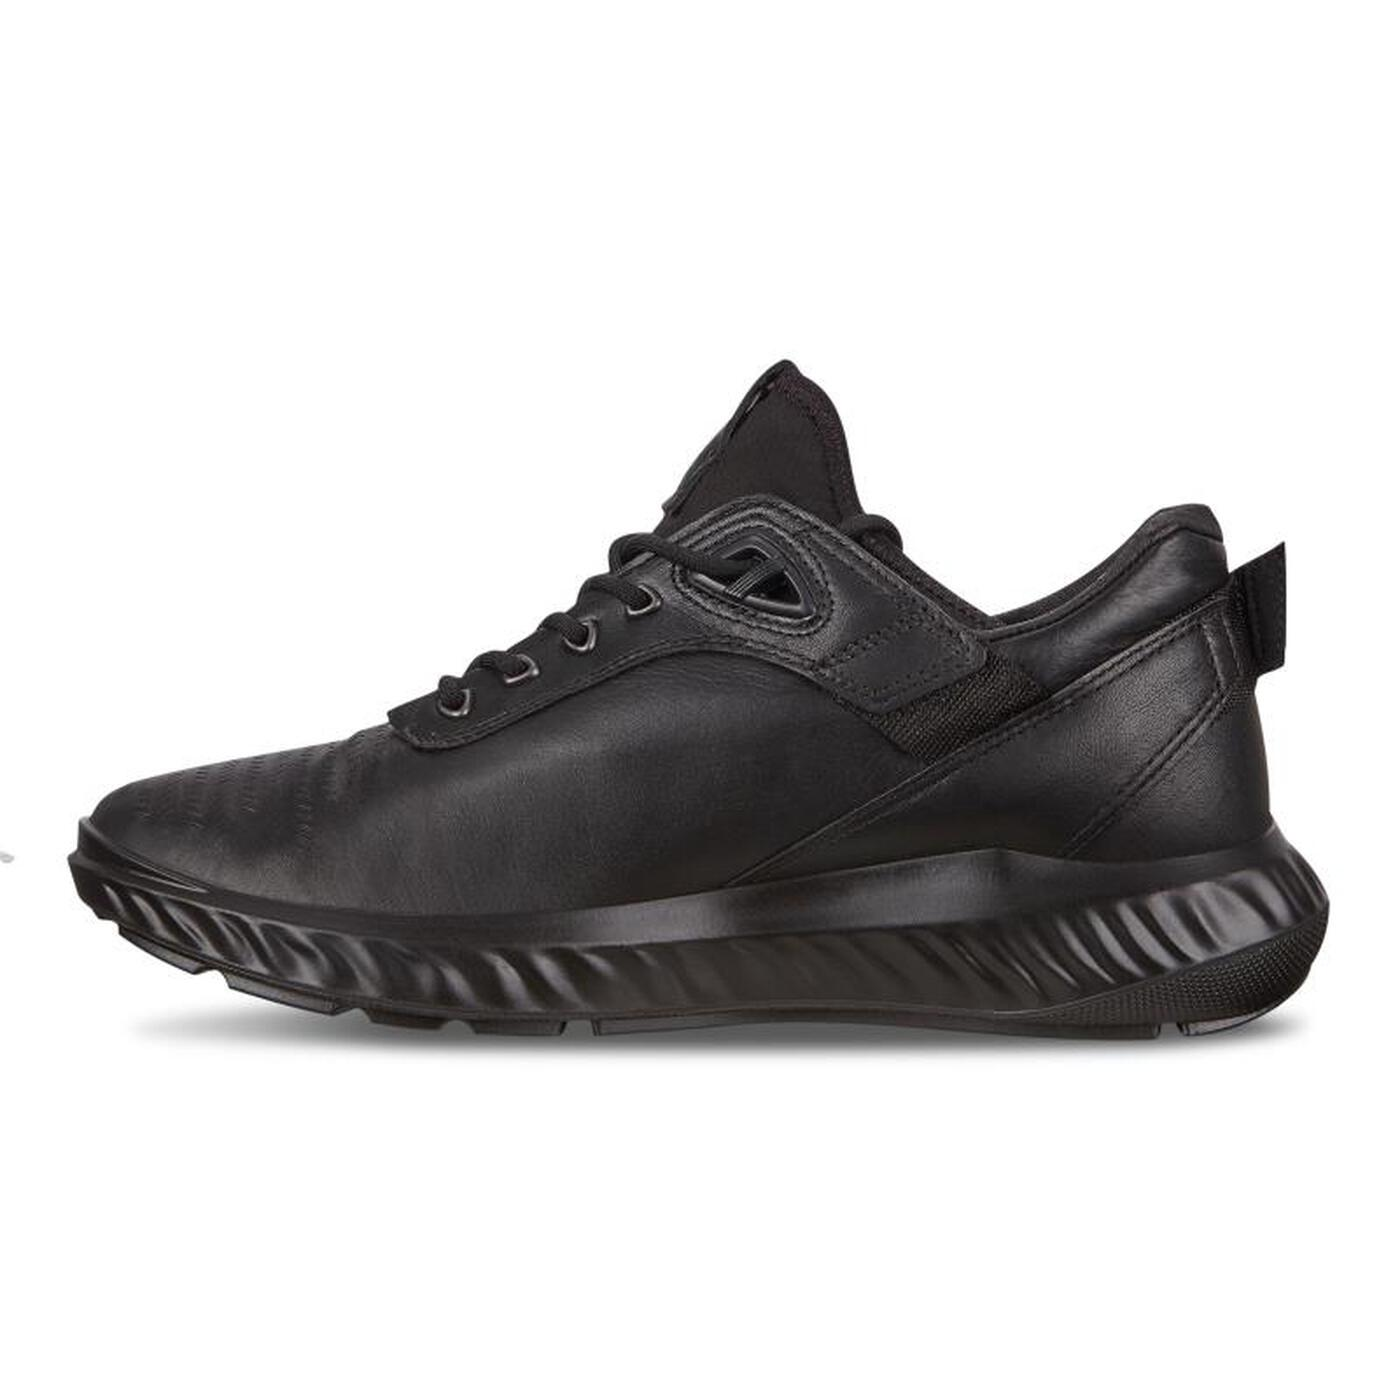 ECCO ST.1 Lite Men's Sneakers GTX